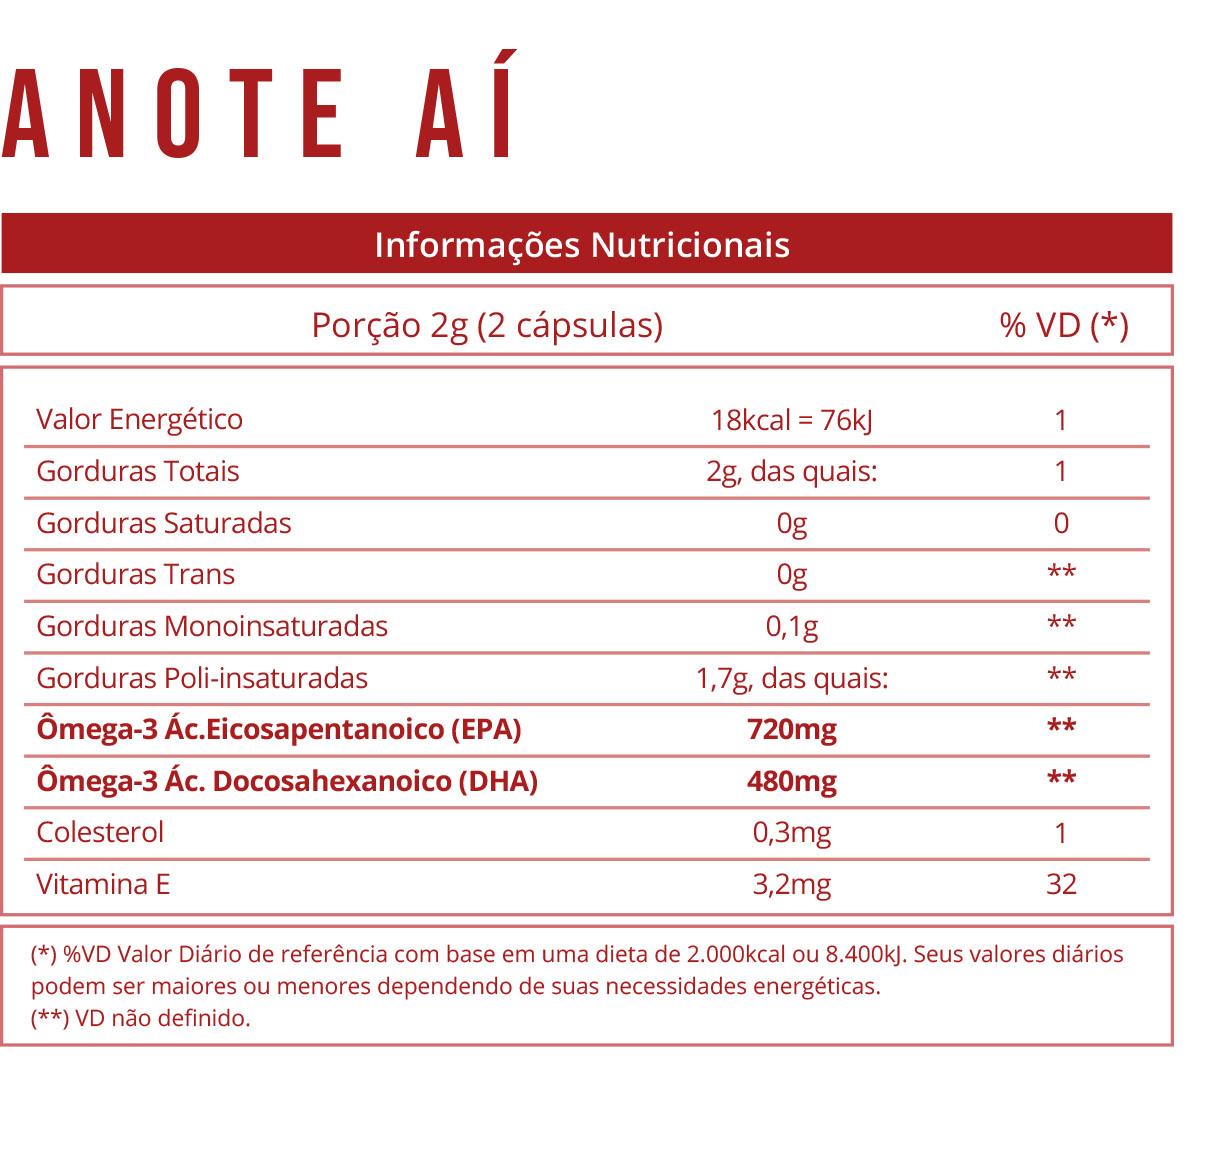 informação nutricional do ômega 3 vhita